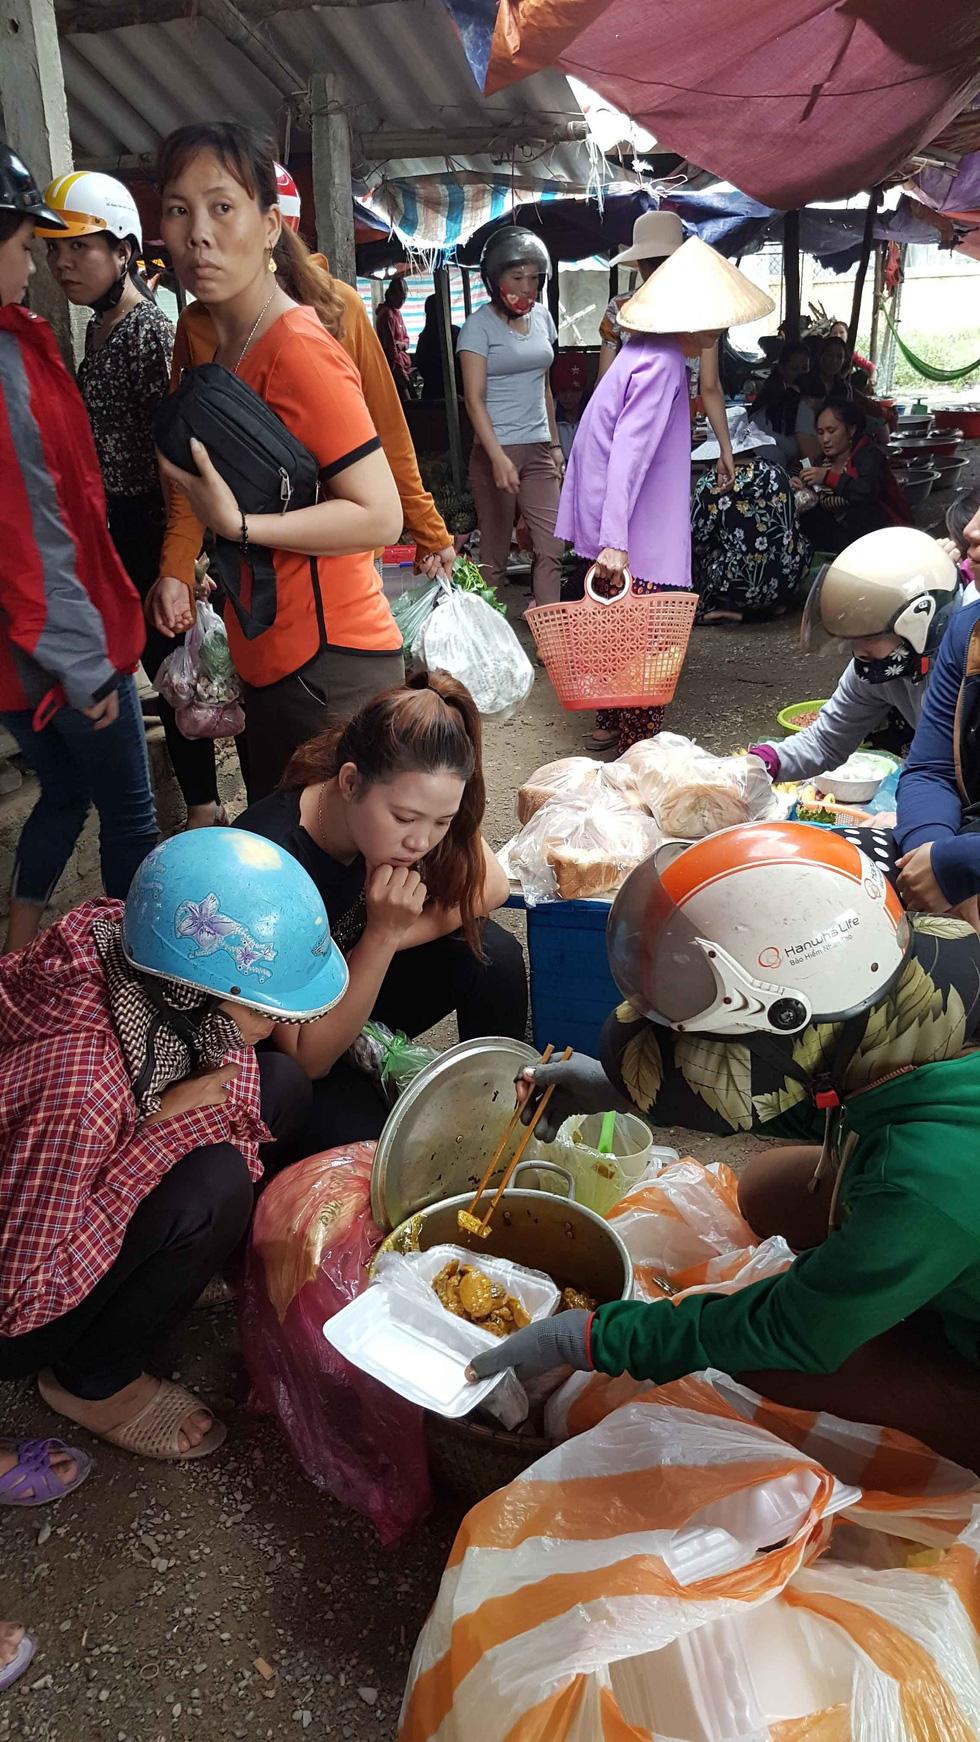 Đội quân 30 chị bán cơm gà Lạc Sơn: Nấu cho chồng răng nấu cho khách vậy  - Ảnh 7.